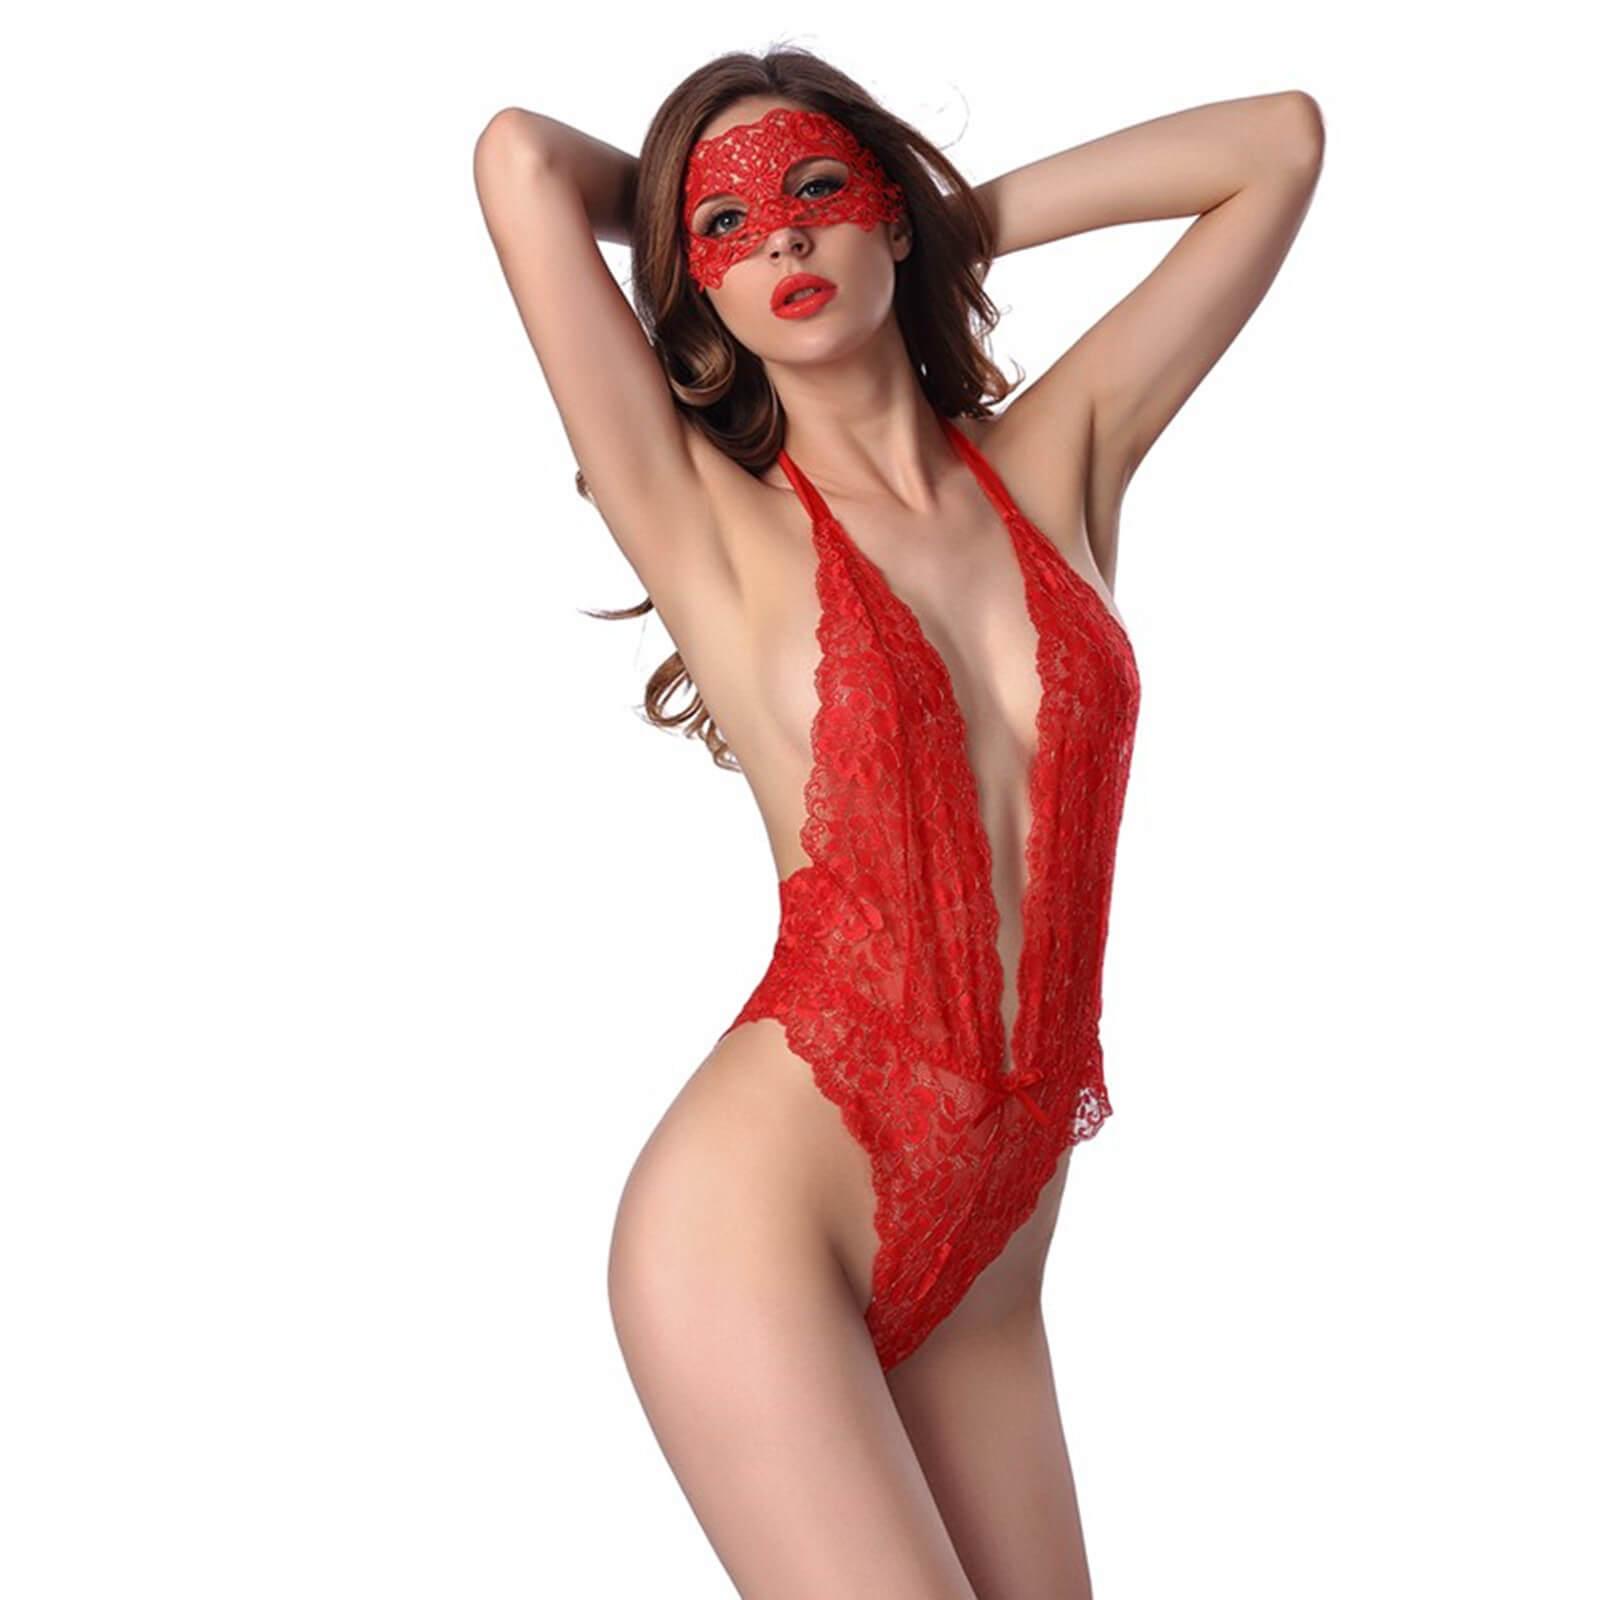 Lendgogo Sexy Lingerie Lace Bodysuit